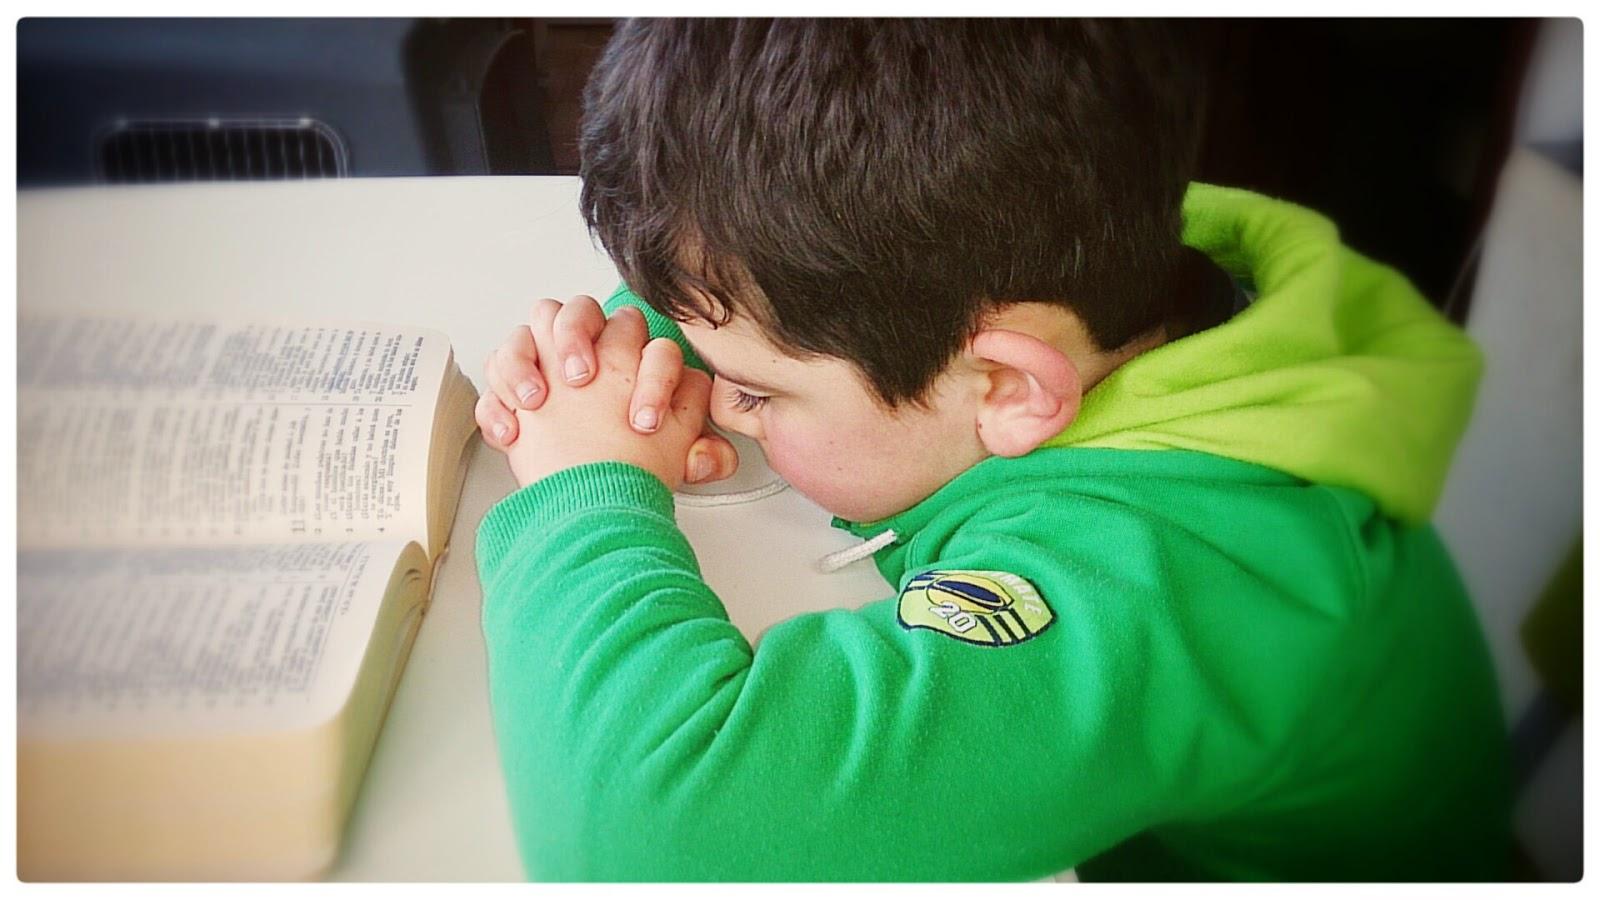 vida espiritual en niños